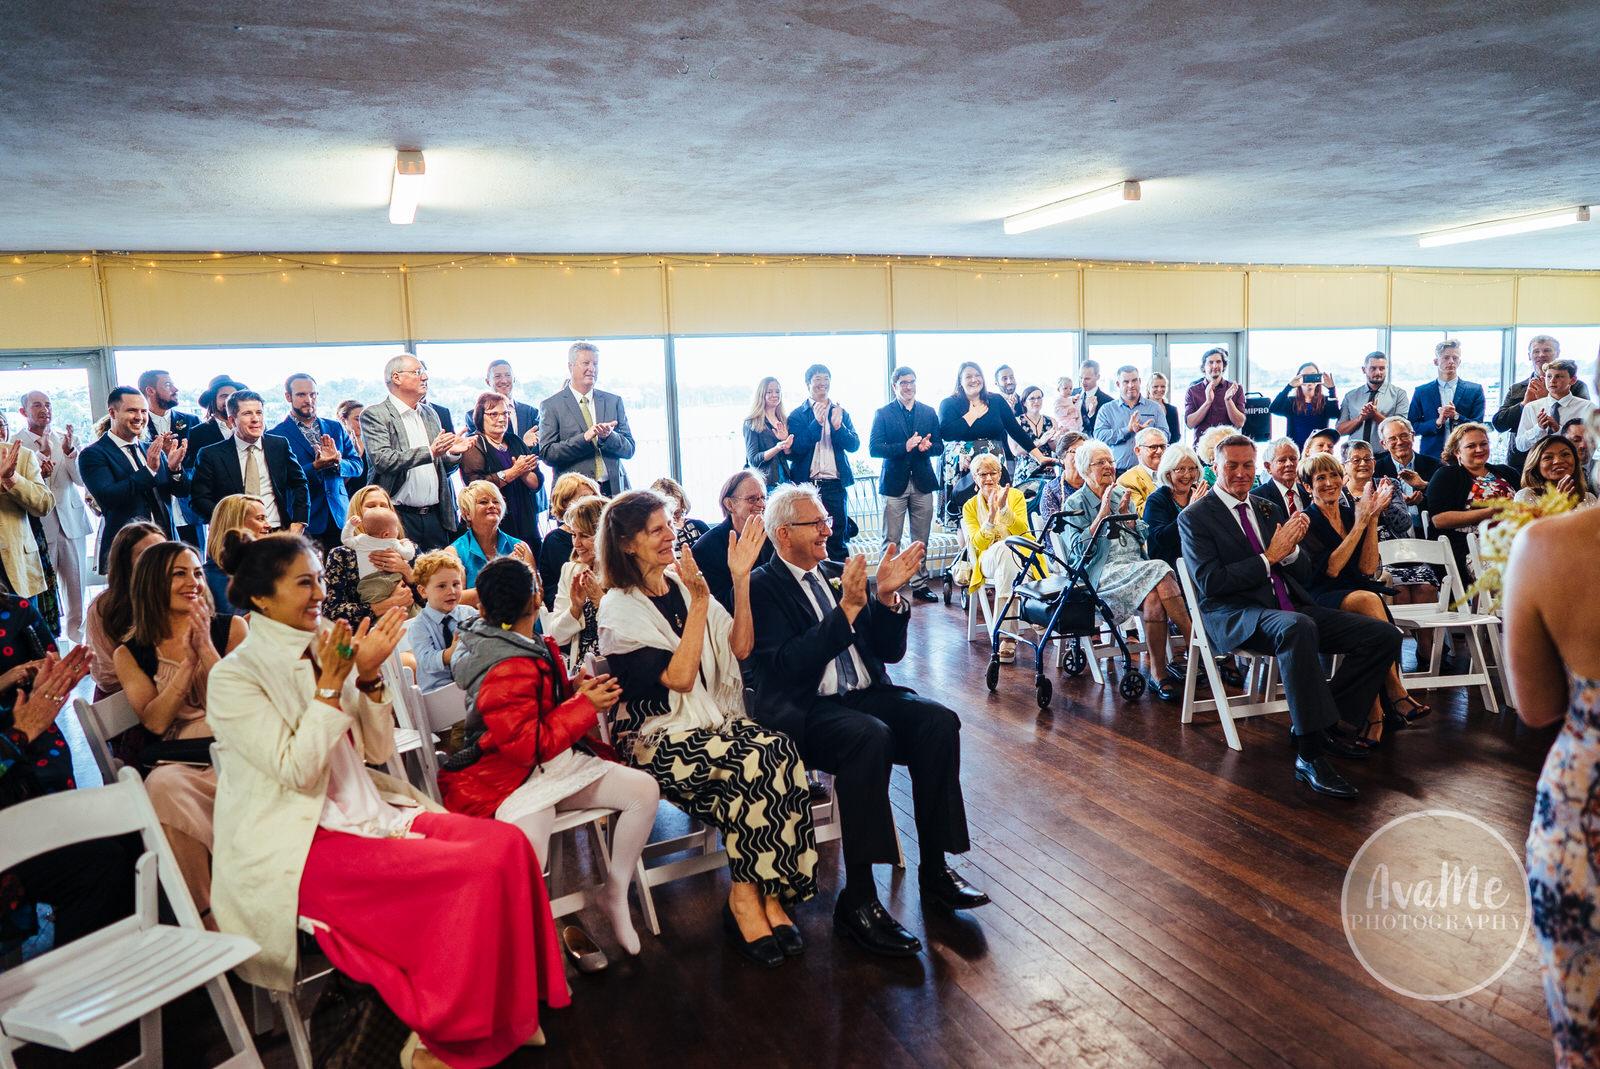 addy_matt_wedding_greenwich_sailing_club-115